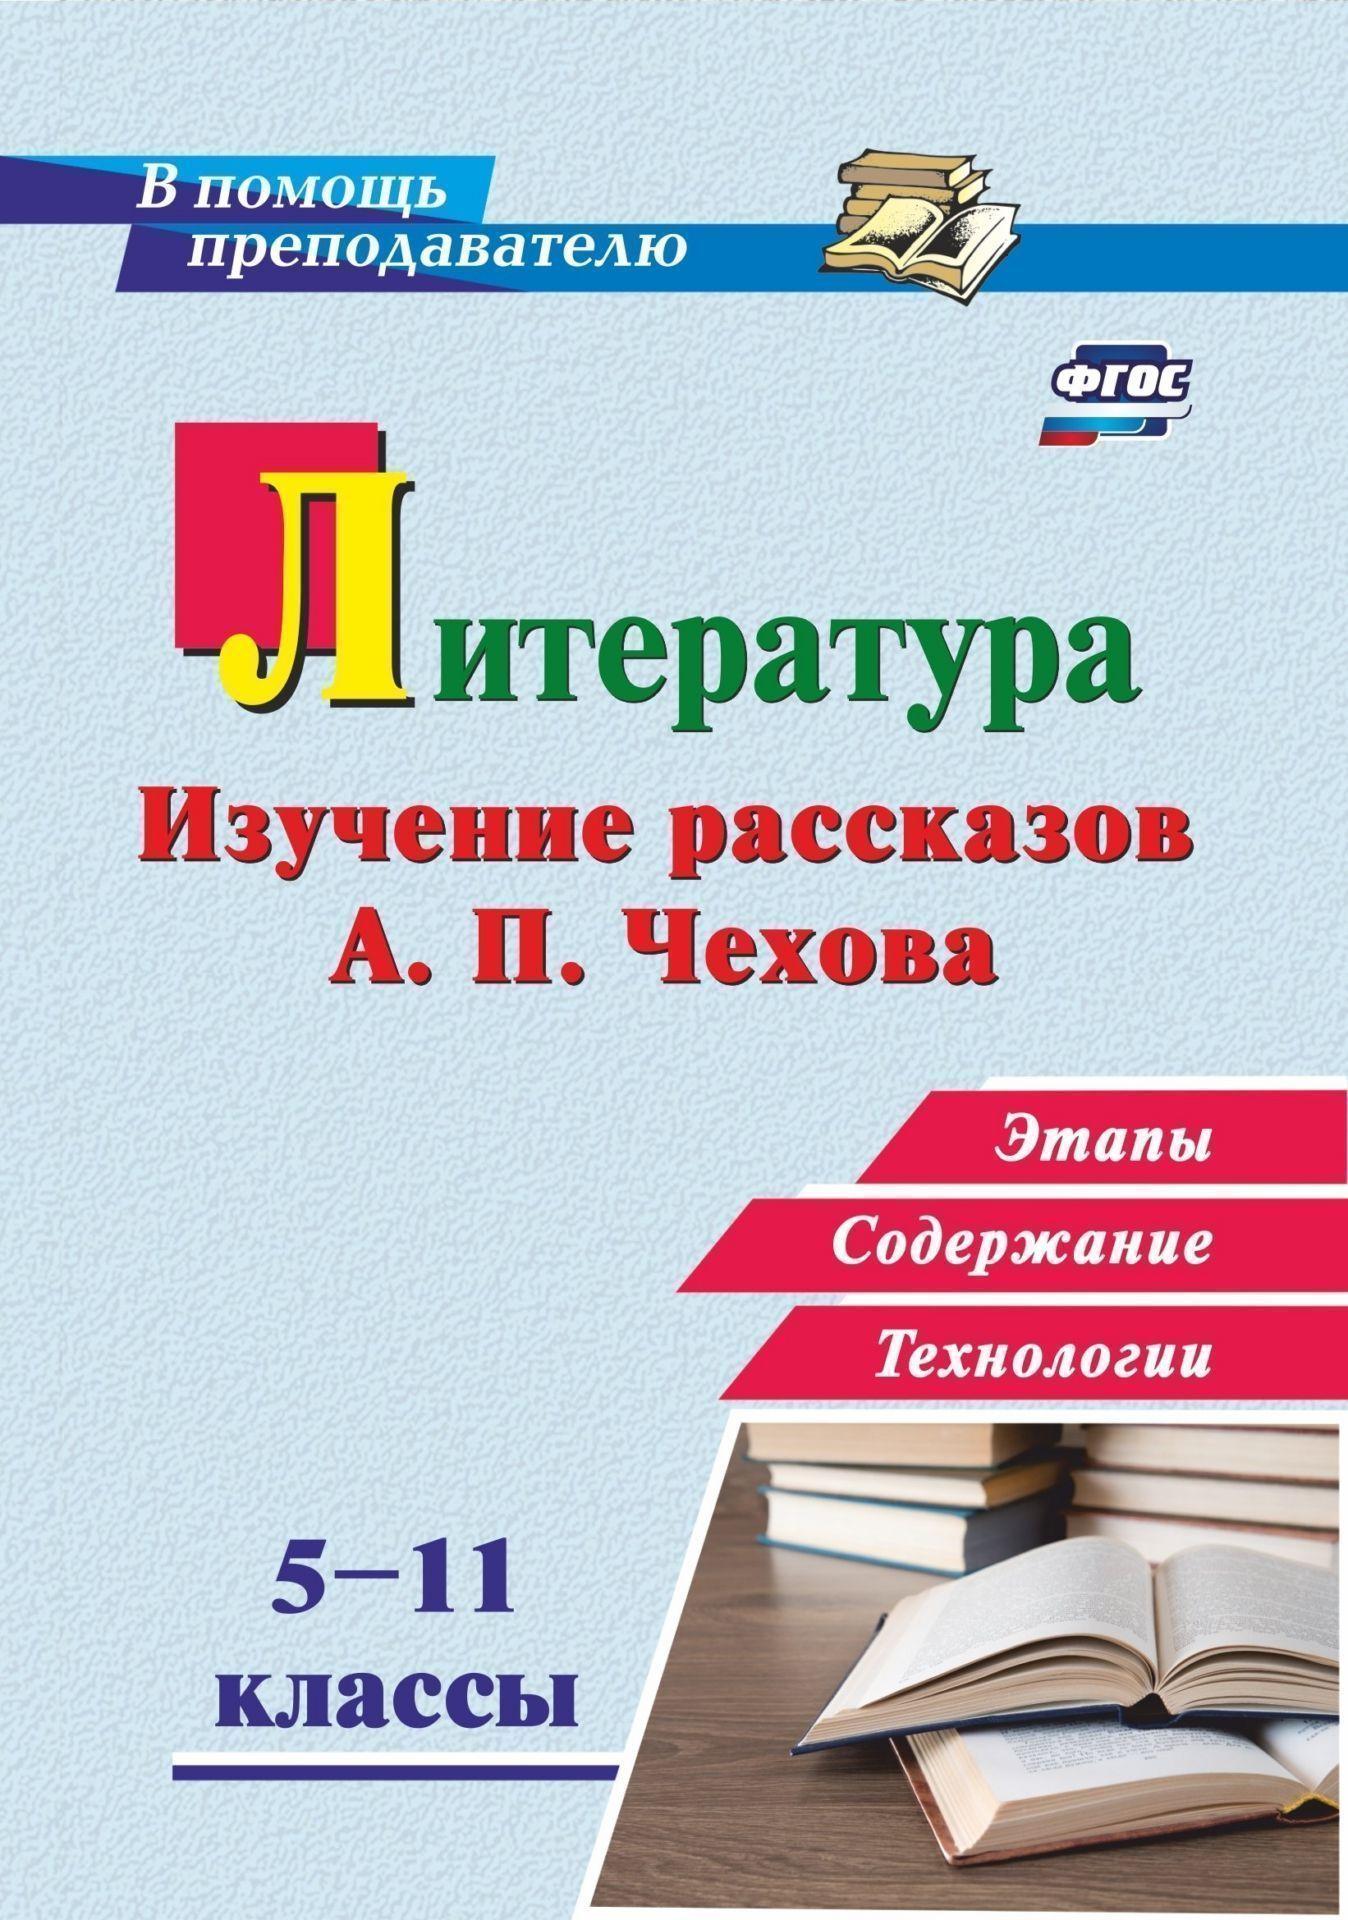 Литература в школе. 5-11 классы: Изучение рассказов А. П. Чехова: этапы, содержание, технологии